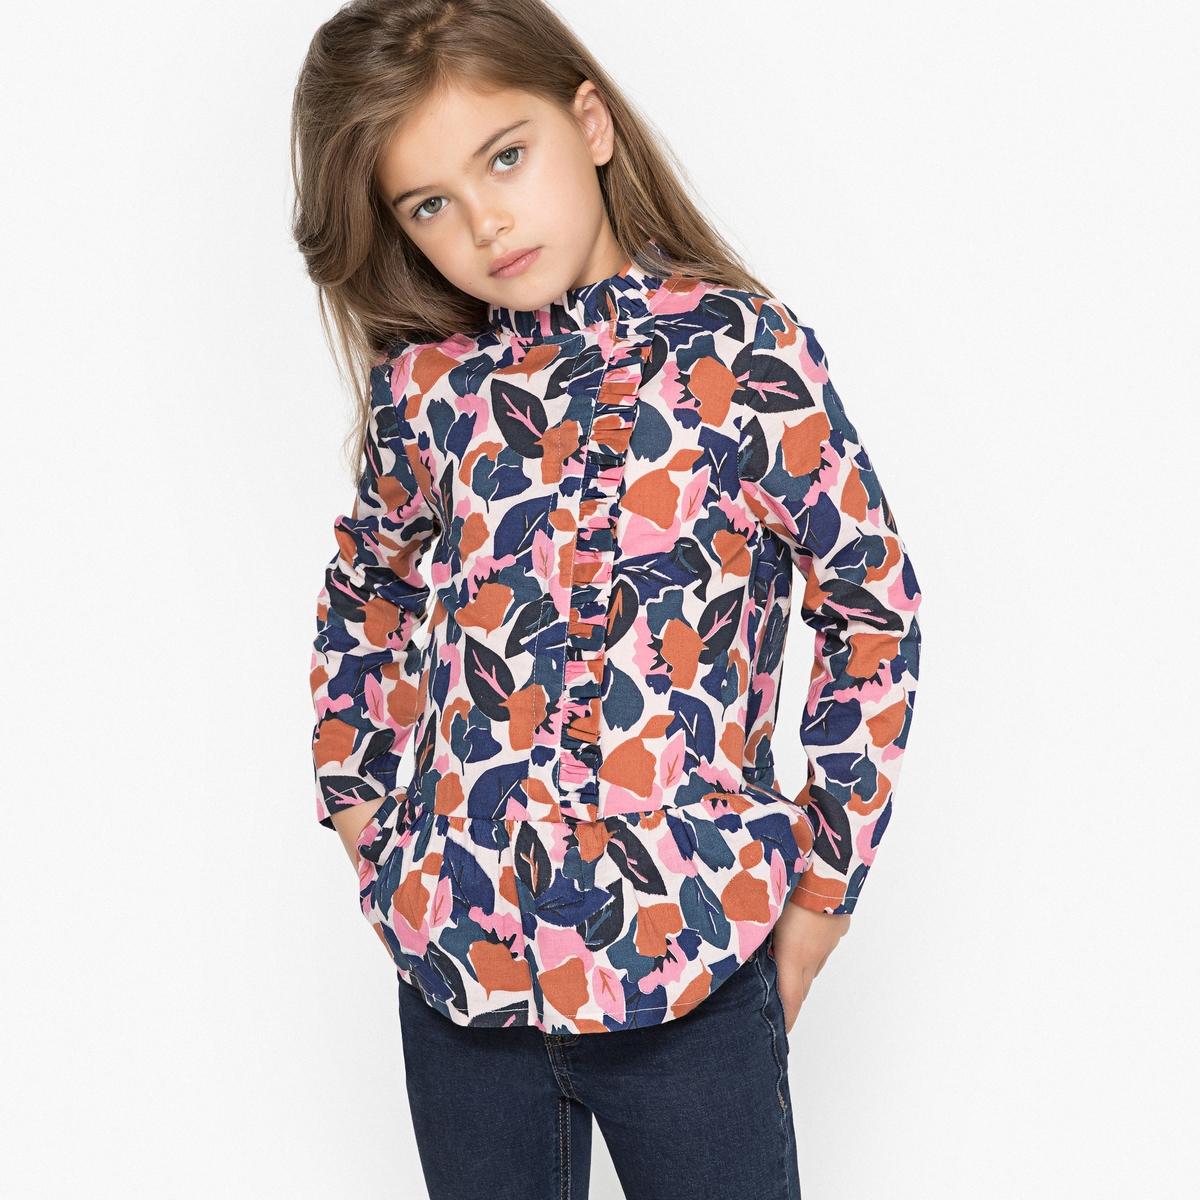 Блузка с принтом 3-12 лет